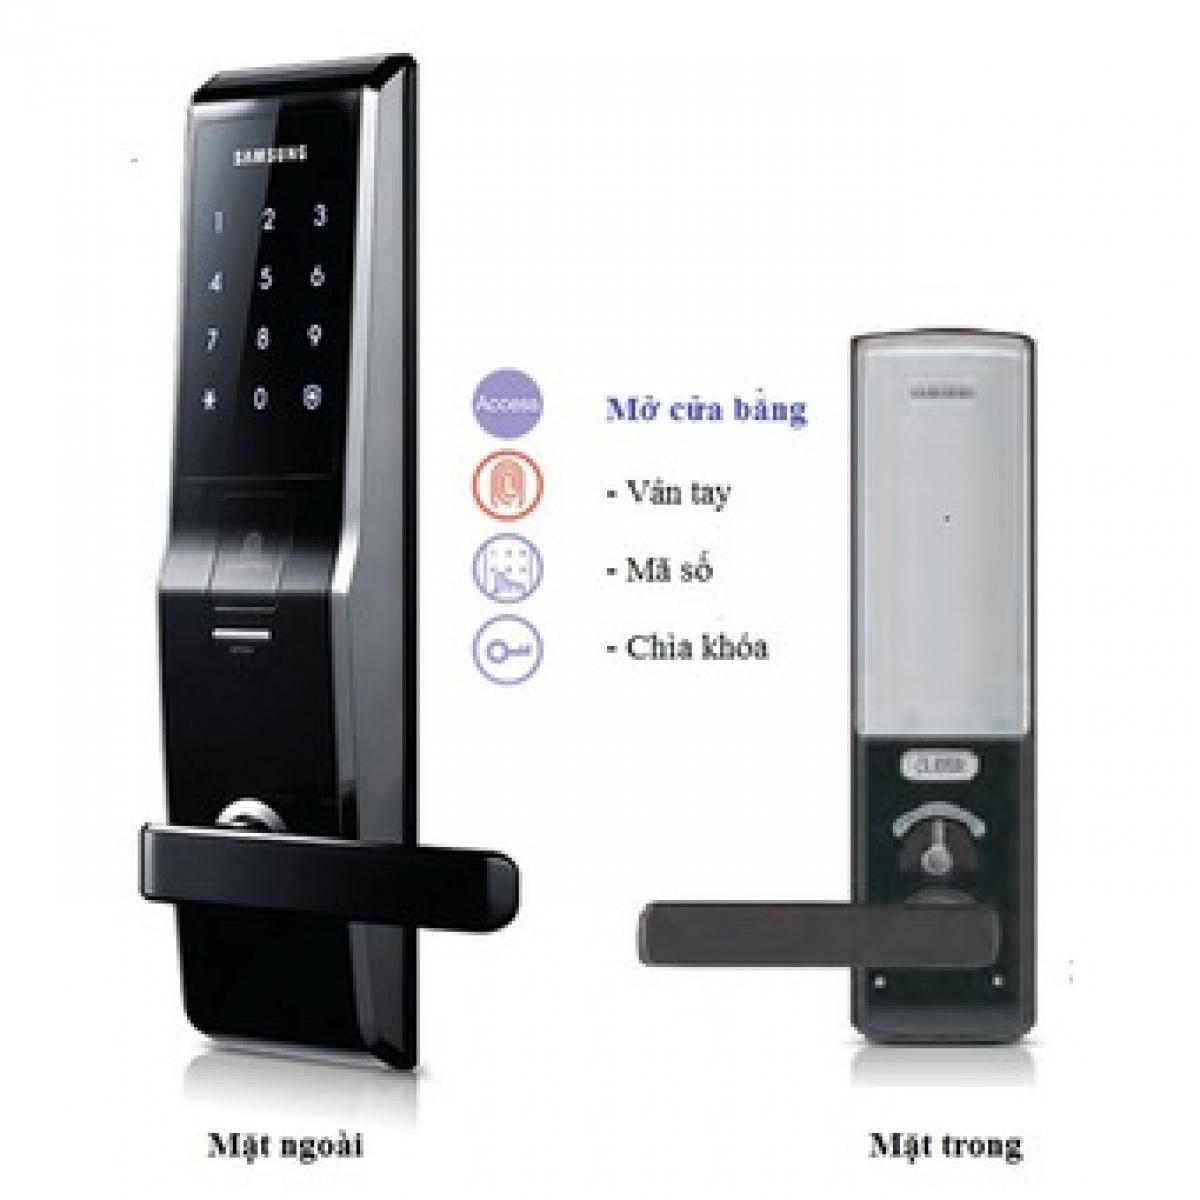 Khoá cửa điện tử Samsung SHS H705